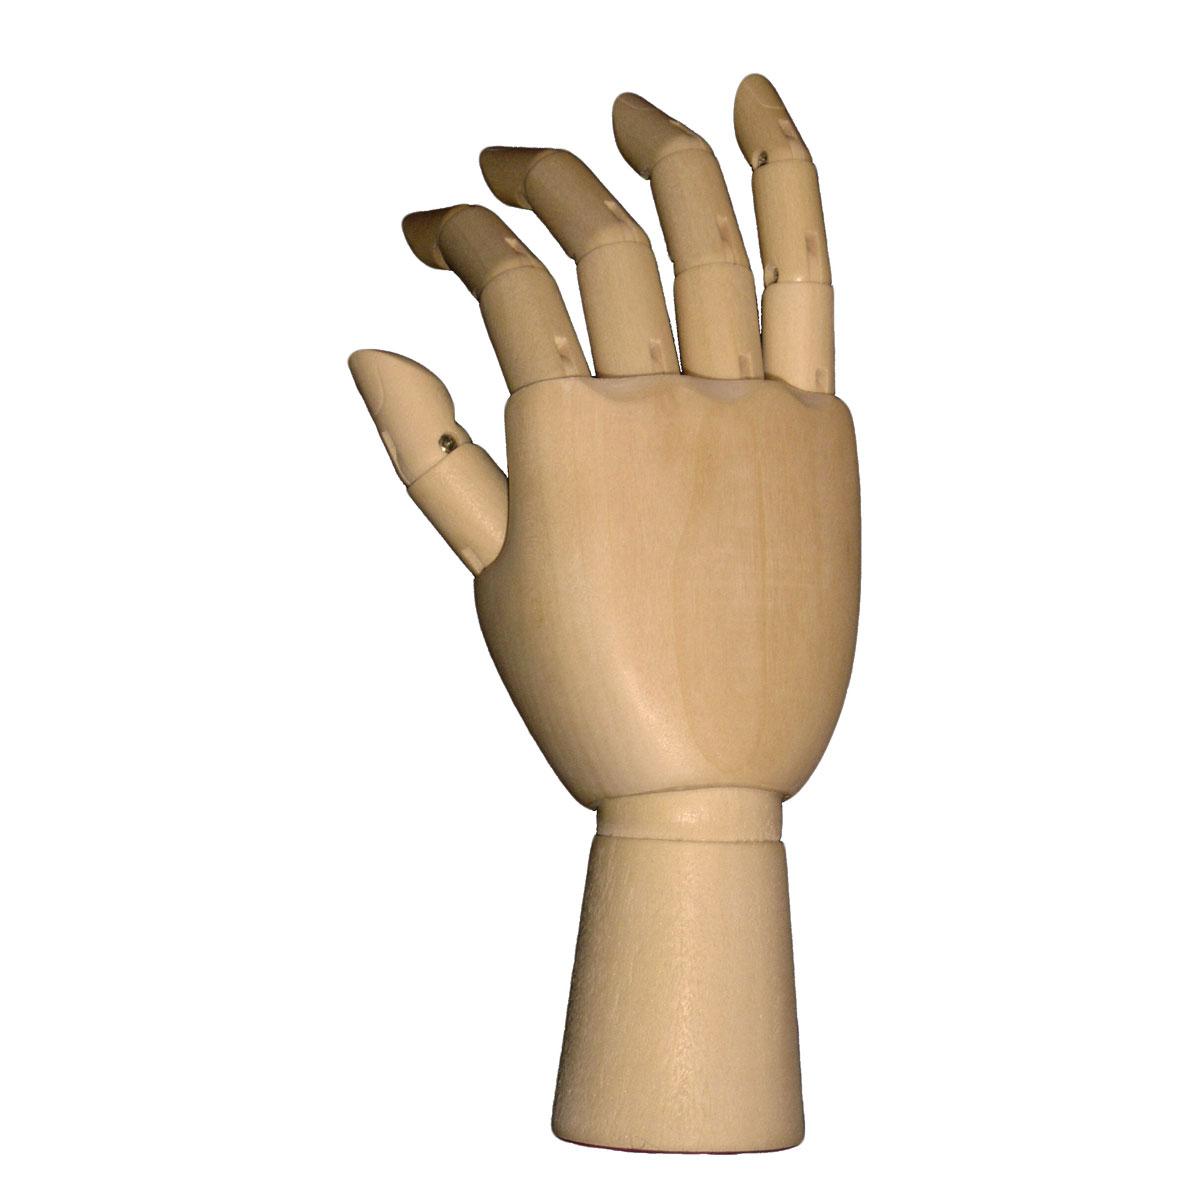 Wooden Hand 18cm Tall